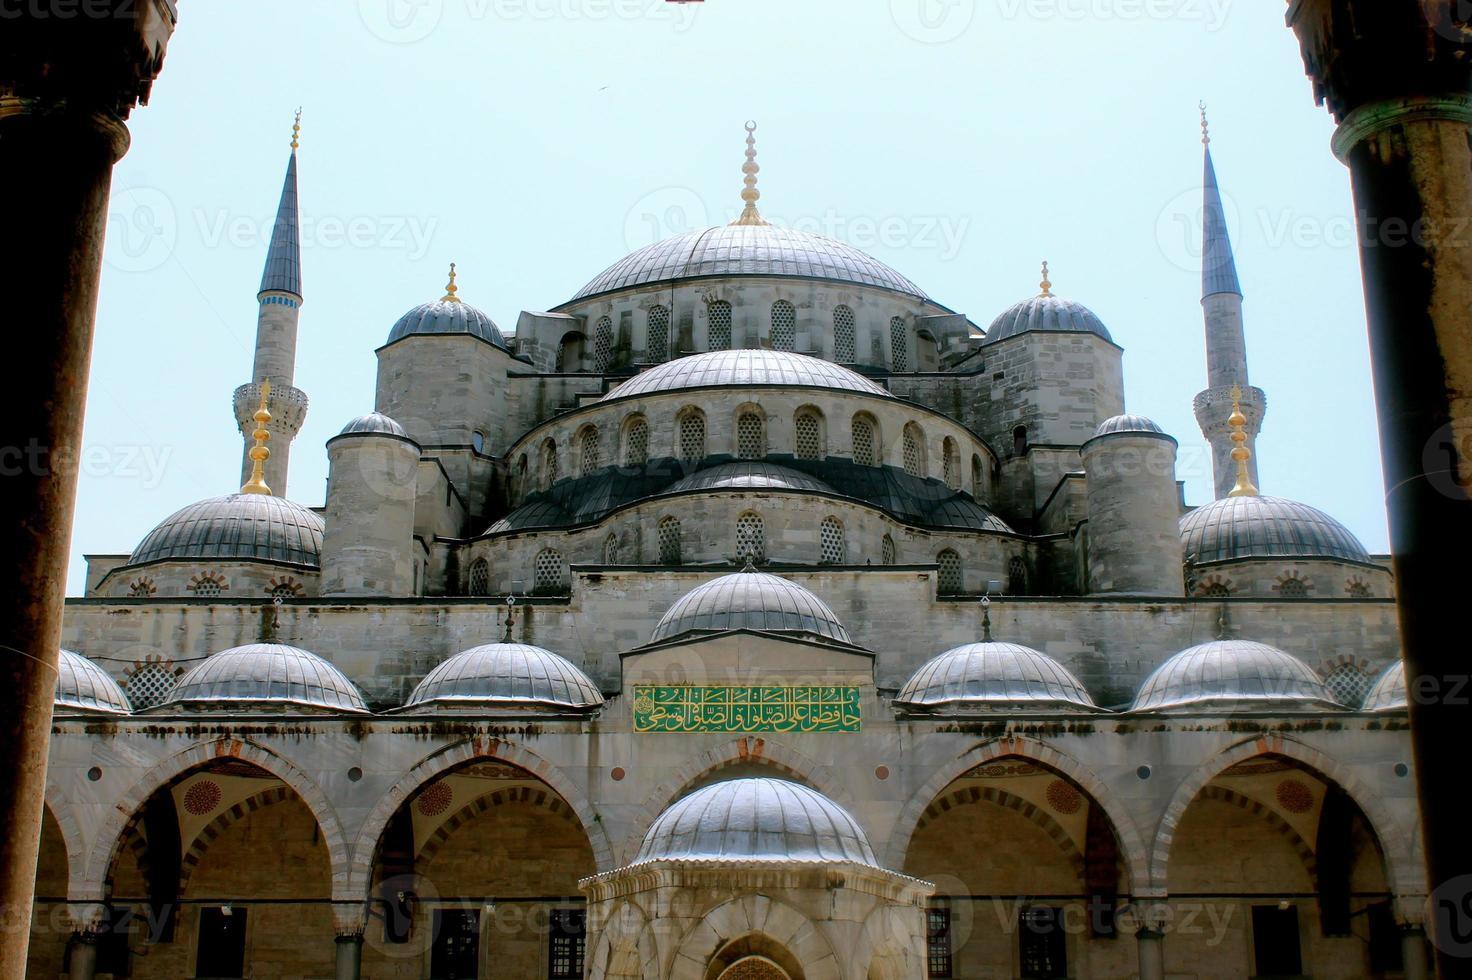 entrada da mesquita azul foto